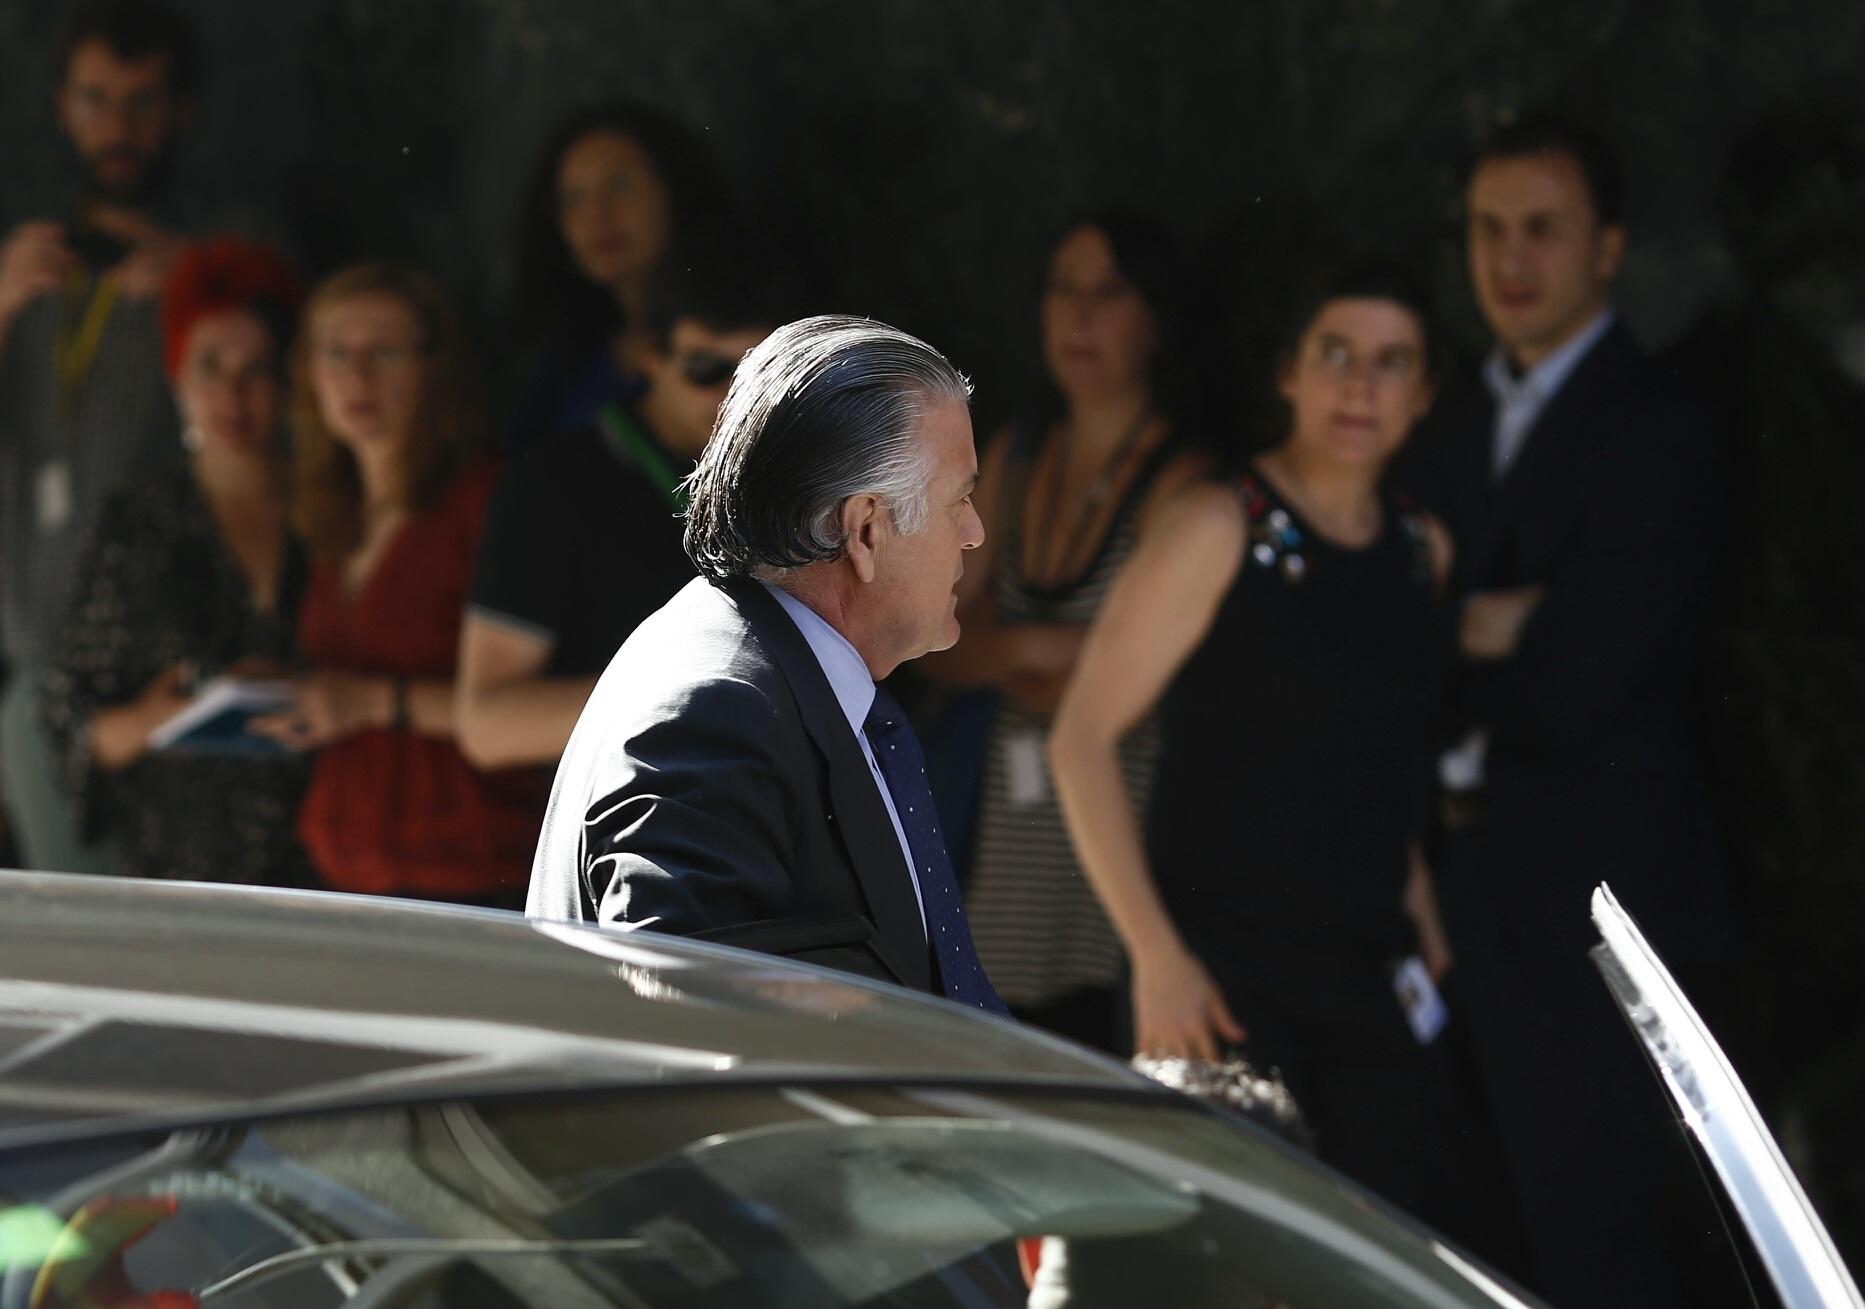 Ruz confirma una fianza a Bárcenas de 43,2 millones de euros por responsabilidad civil